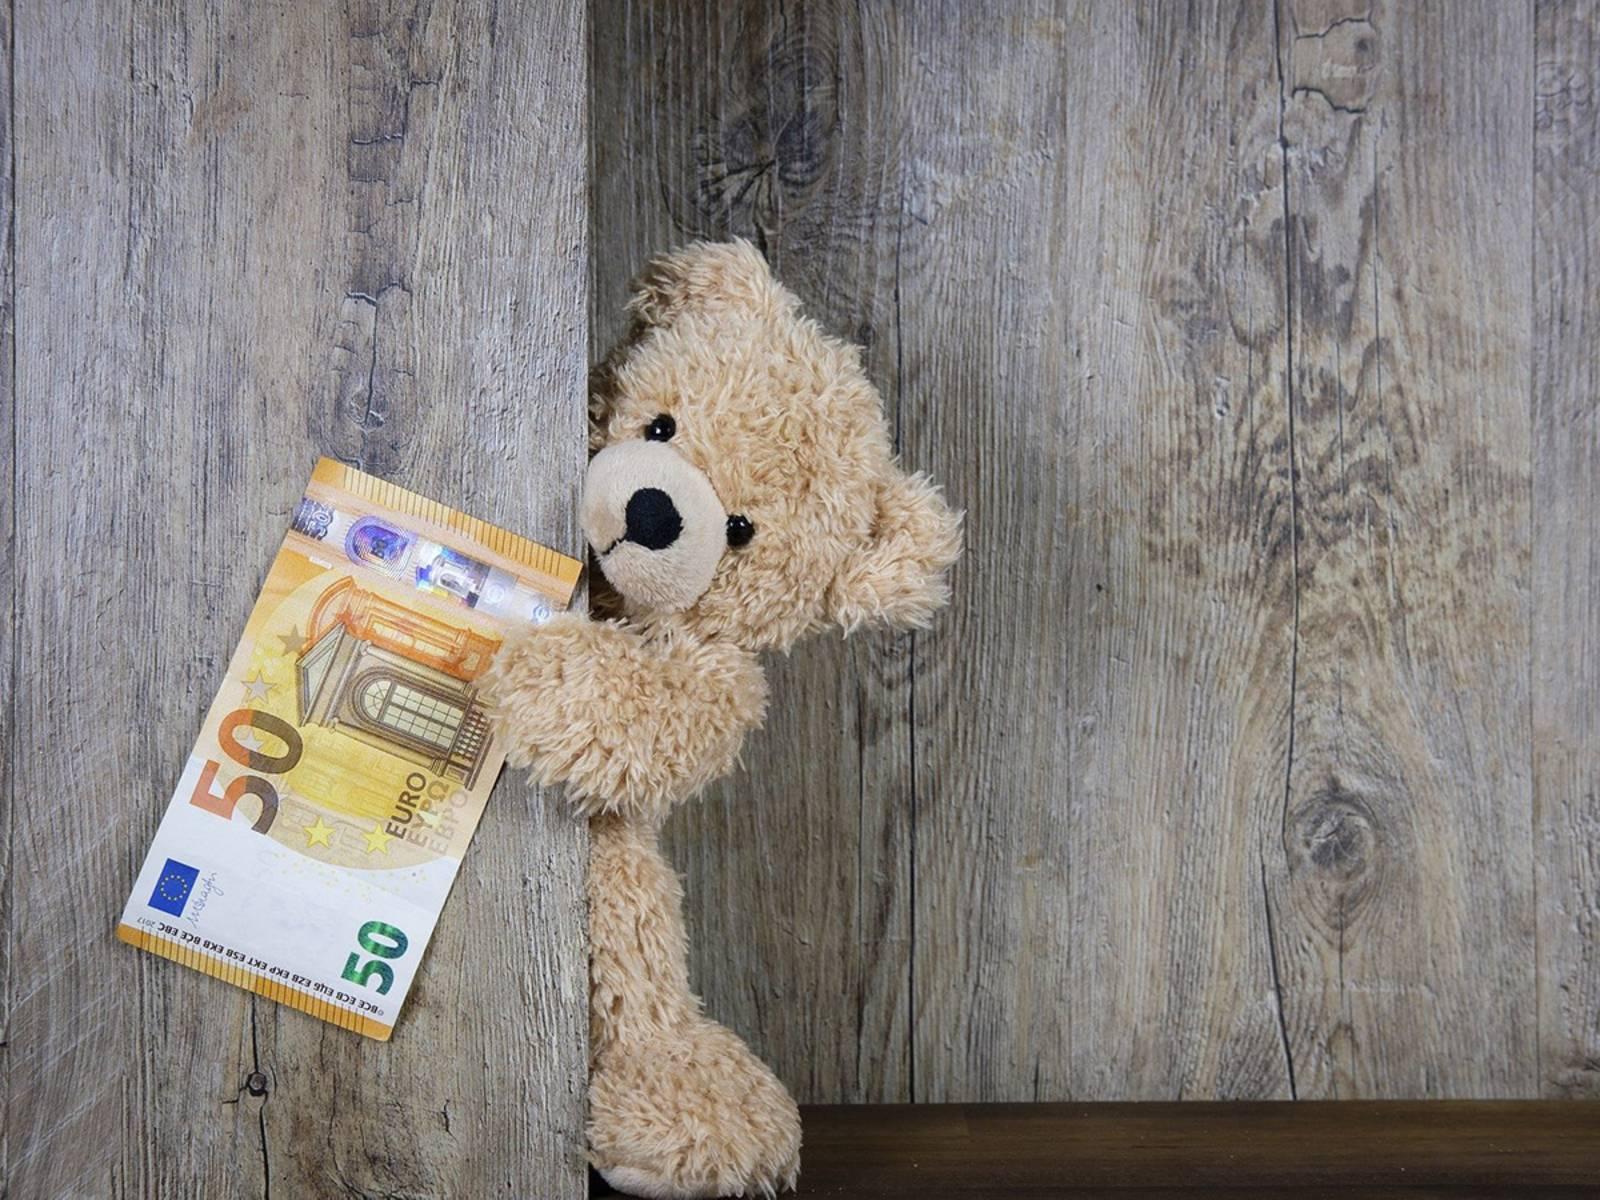 Ein Teddybär lugt hinter einer Holzwand hervor mit einem 50-Euro-Schein in der Hand.